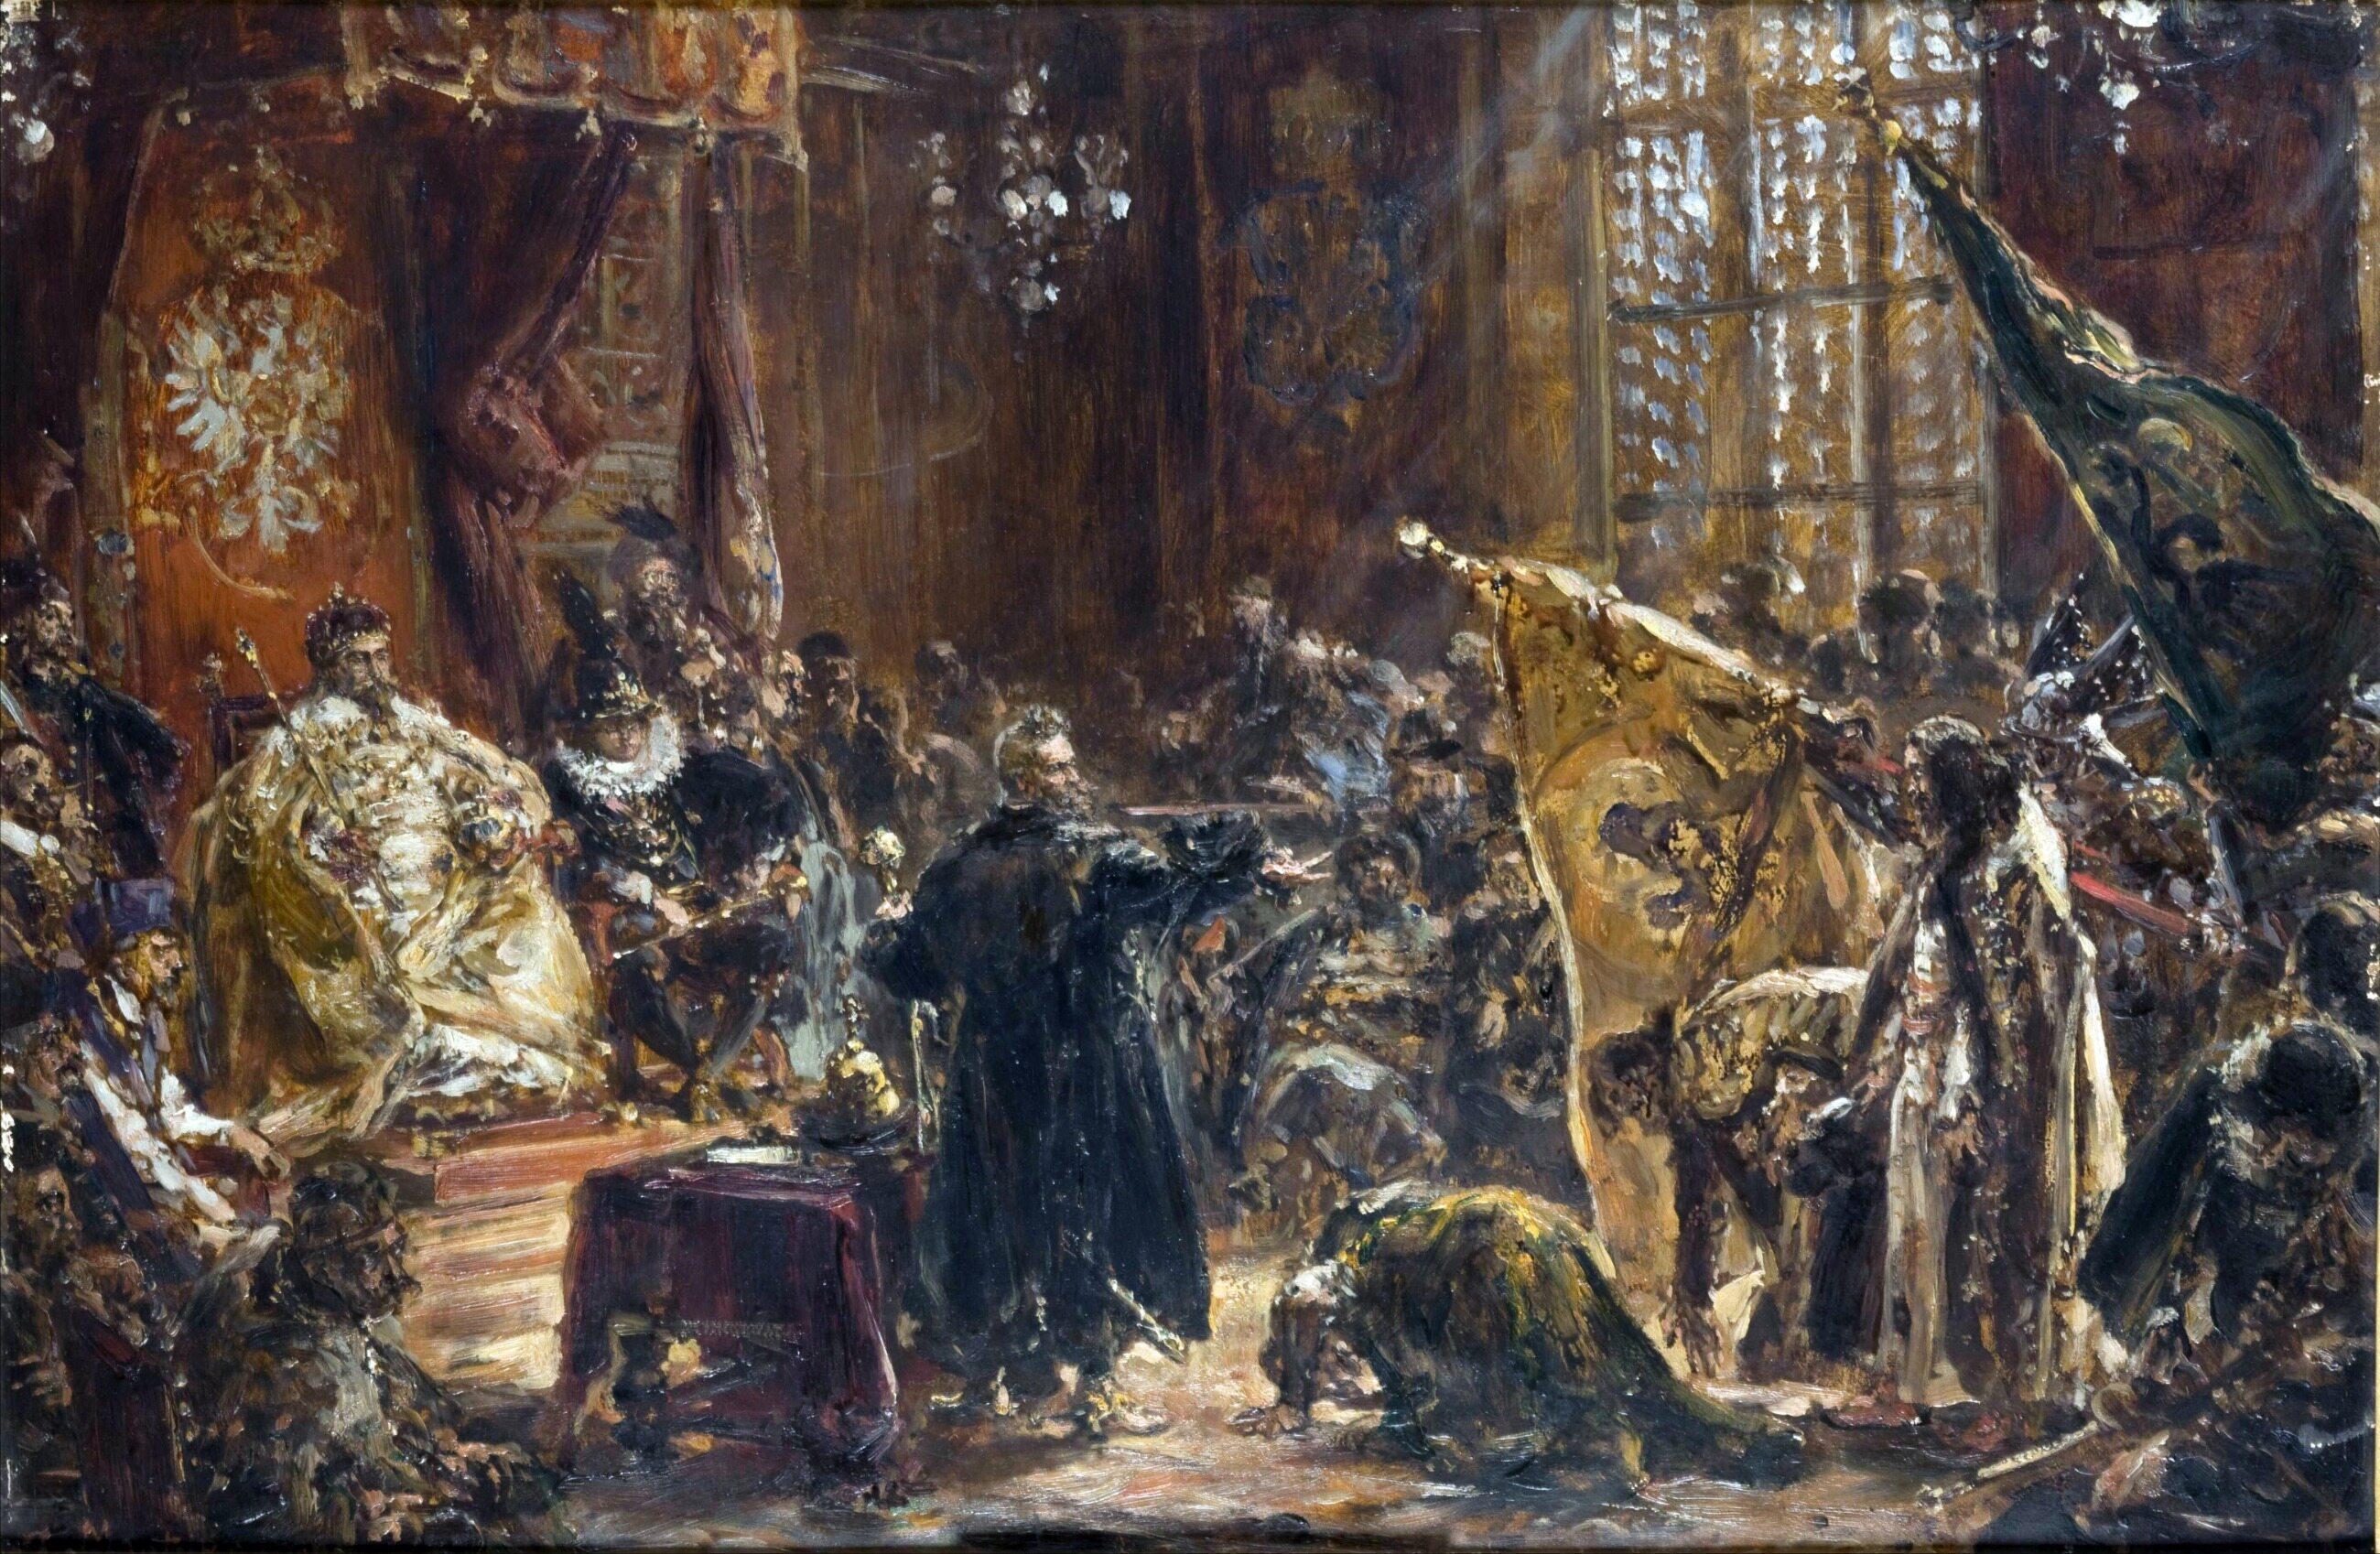 Obraz przedstawia pokłon byłego cara Wasyla IV Szujskiego z braćmi przed królem: